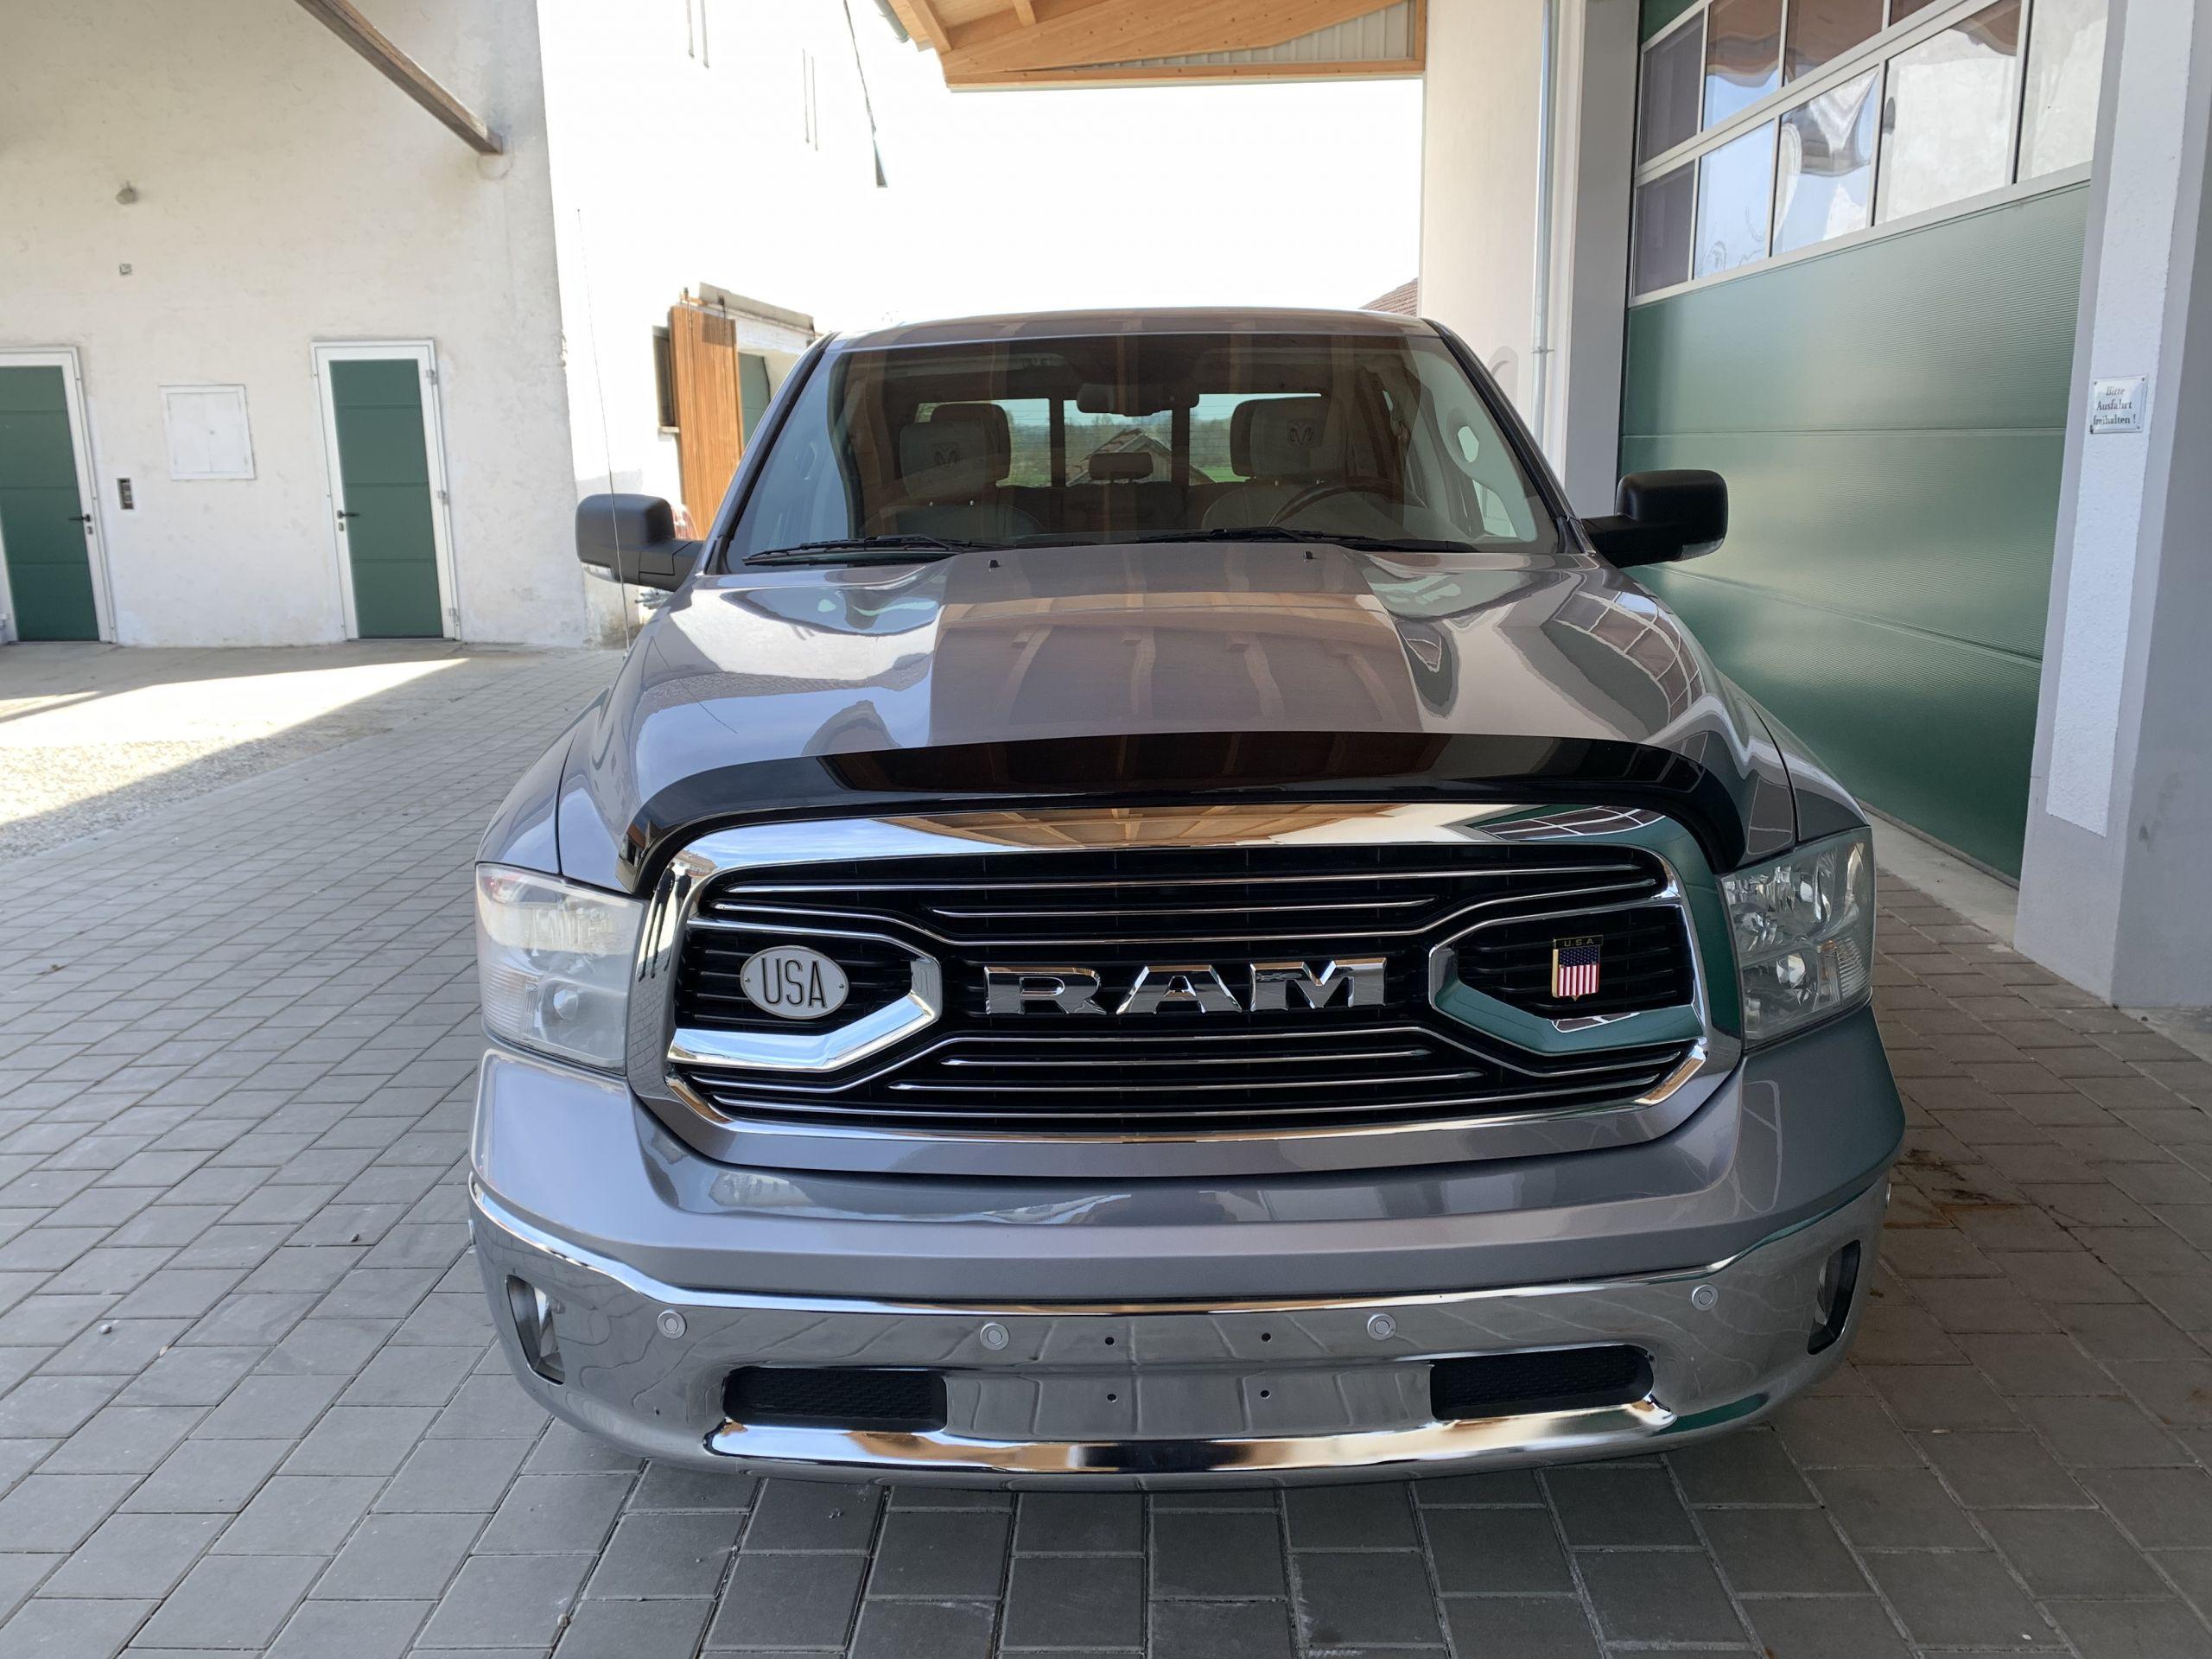 Gebraucht 2019 Dodge Ram SLT 1500 zu Verkaufen